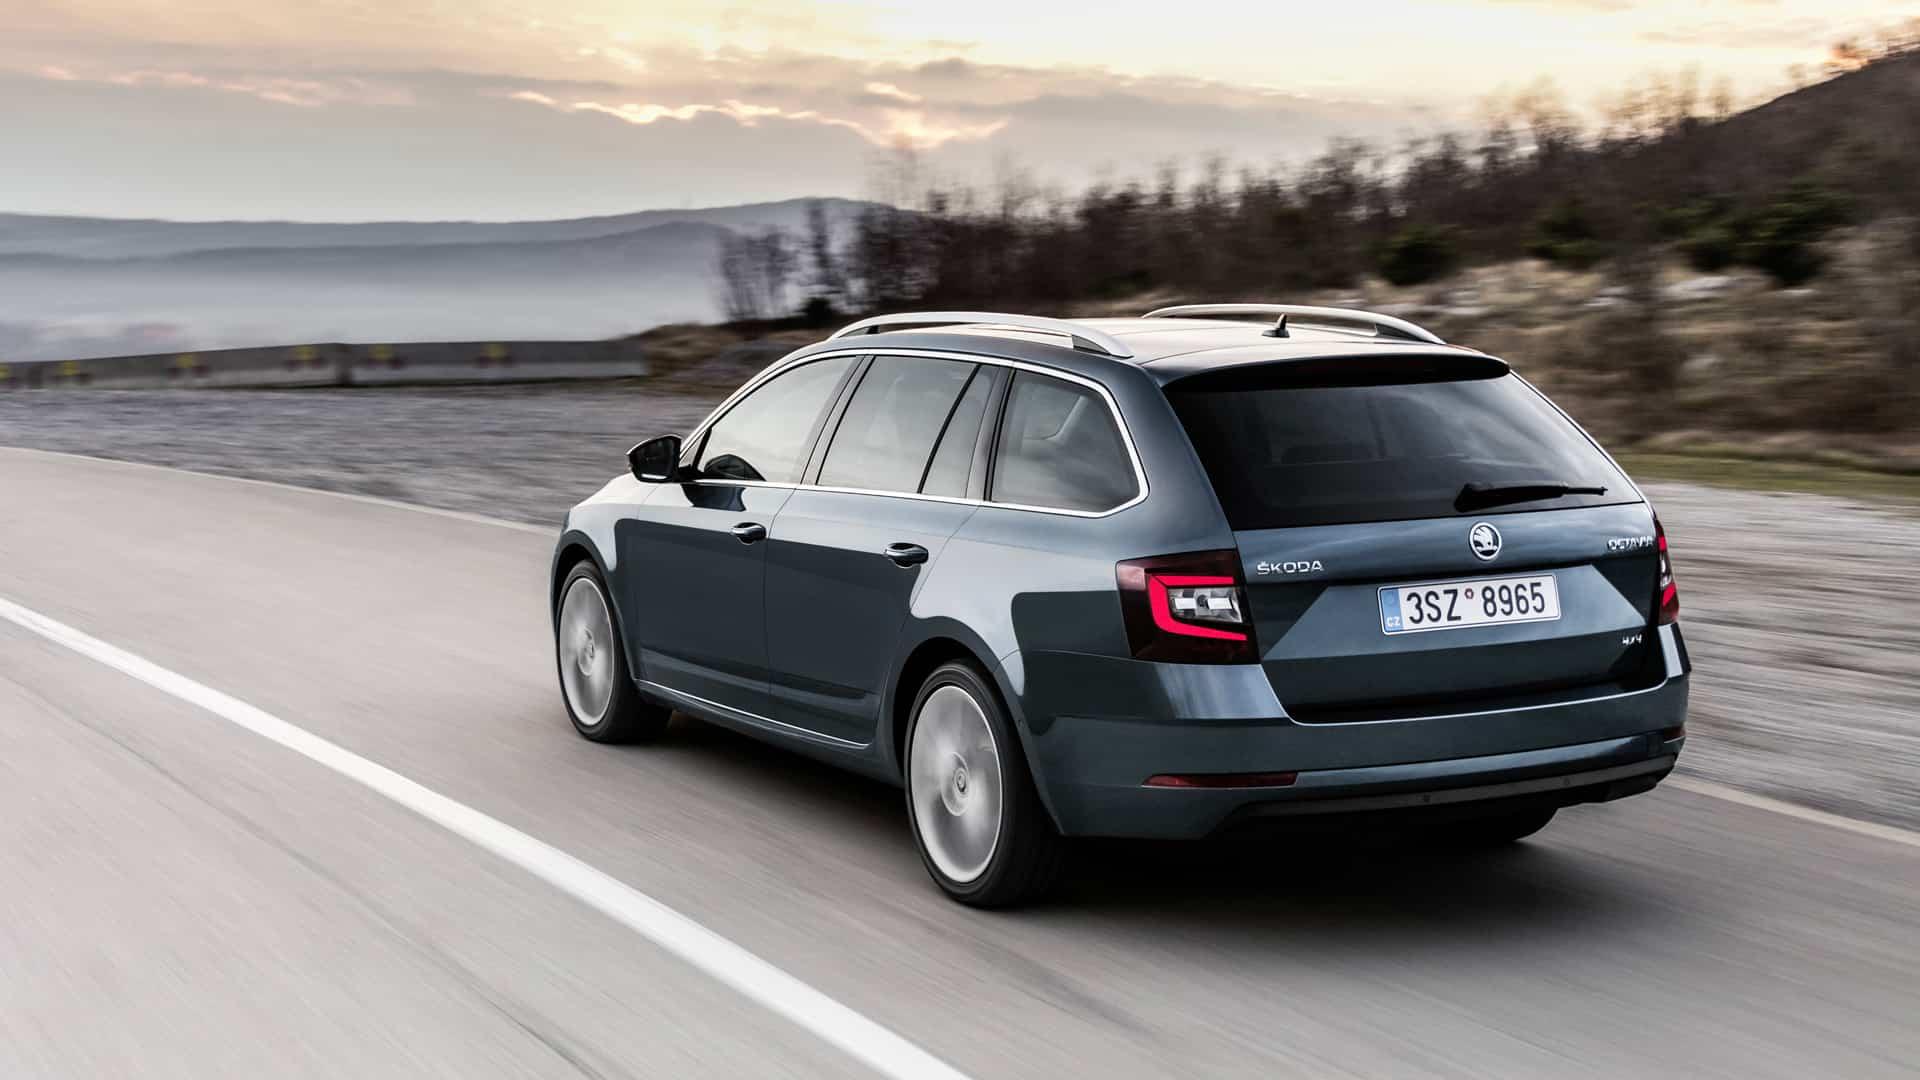 L'offerta Škoda per le auto a metano e gli incentivi statali riservati